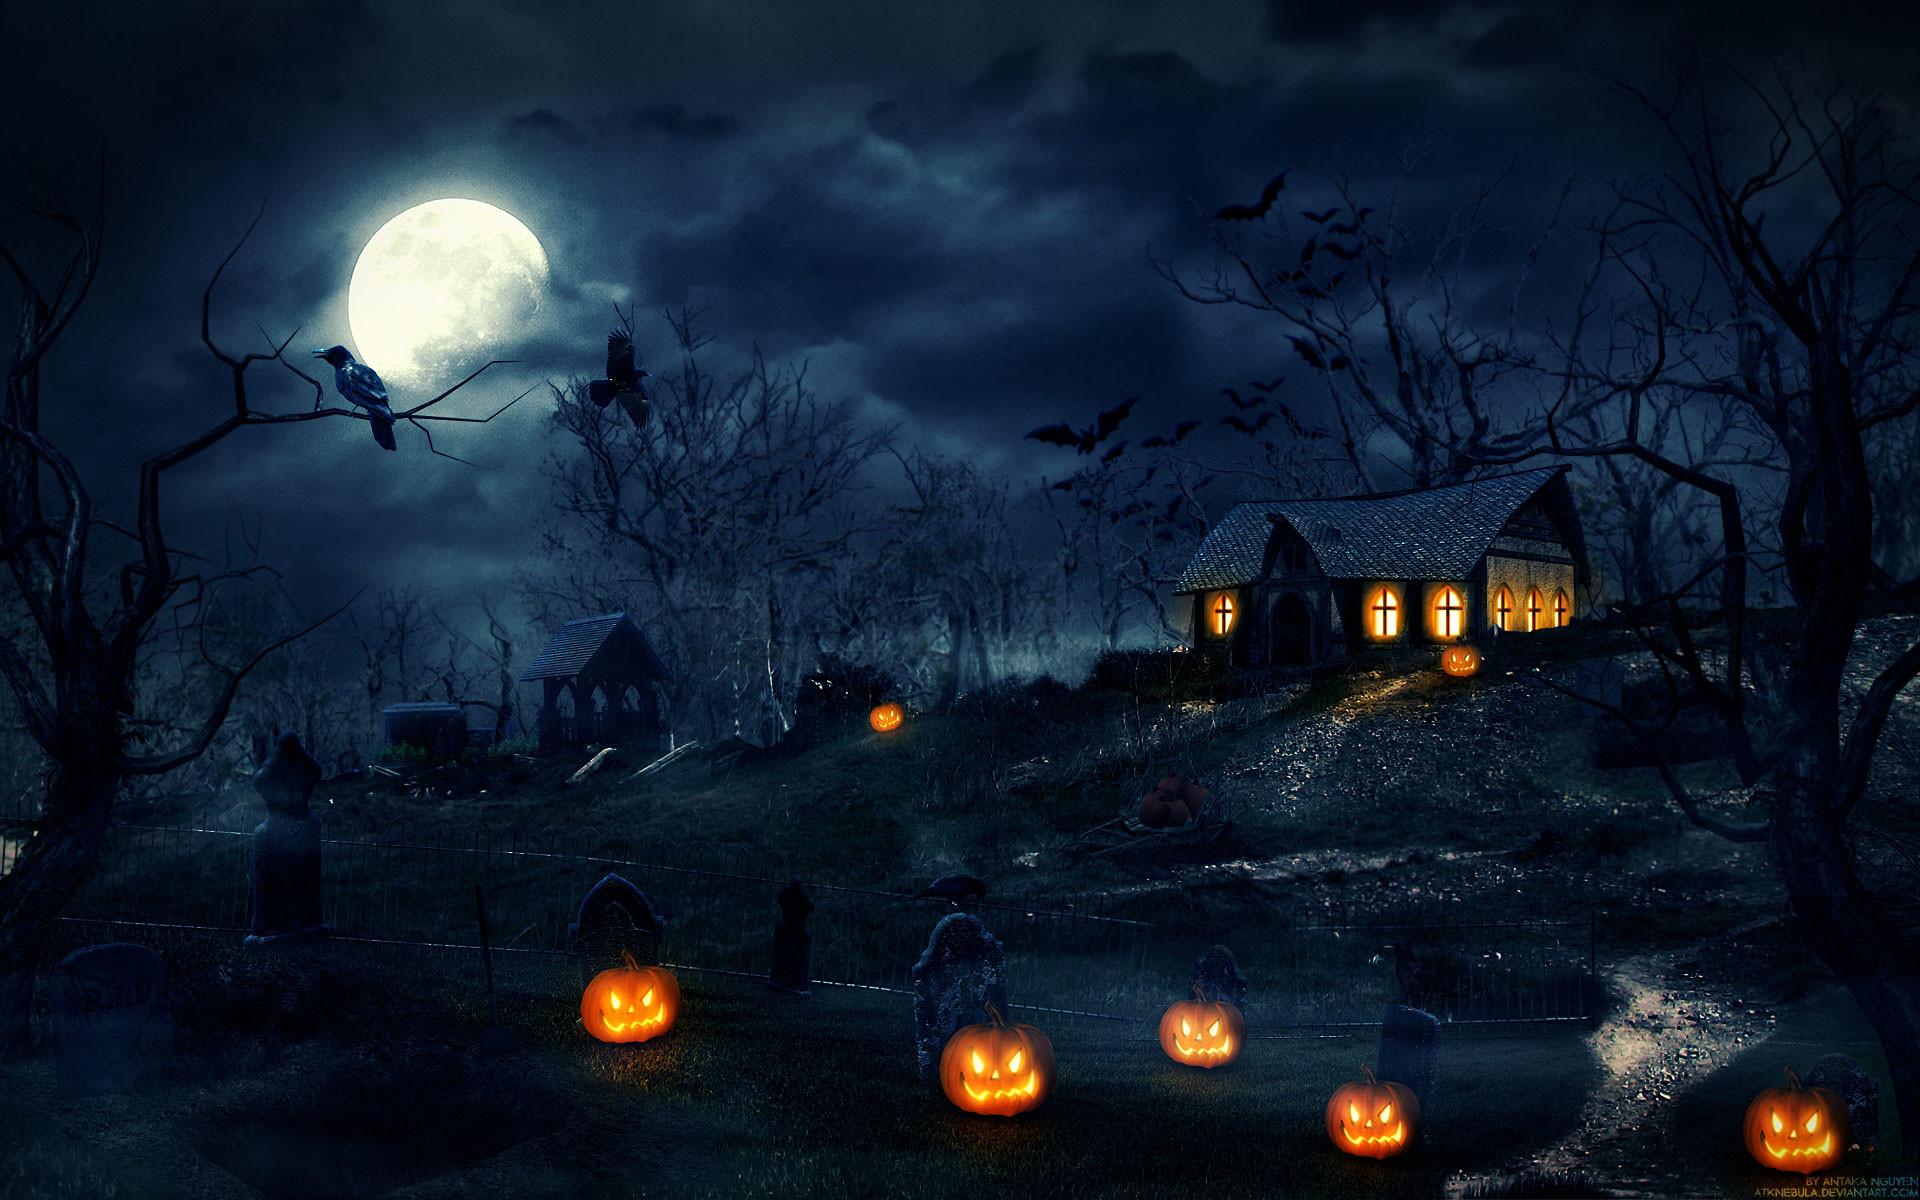 … Best Halloween Wallpaper Wallpapers Browse